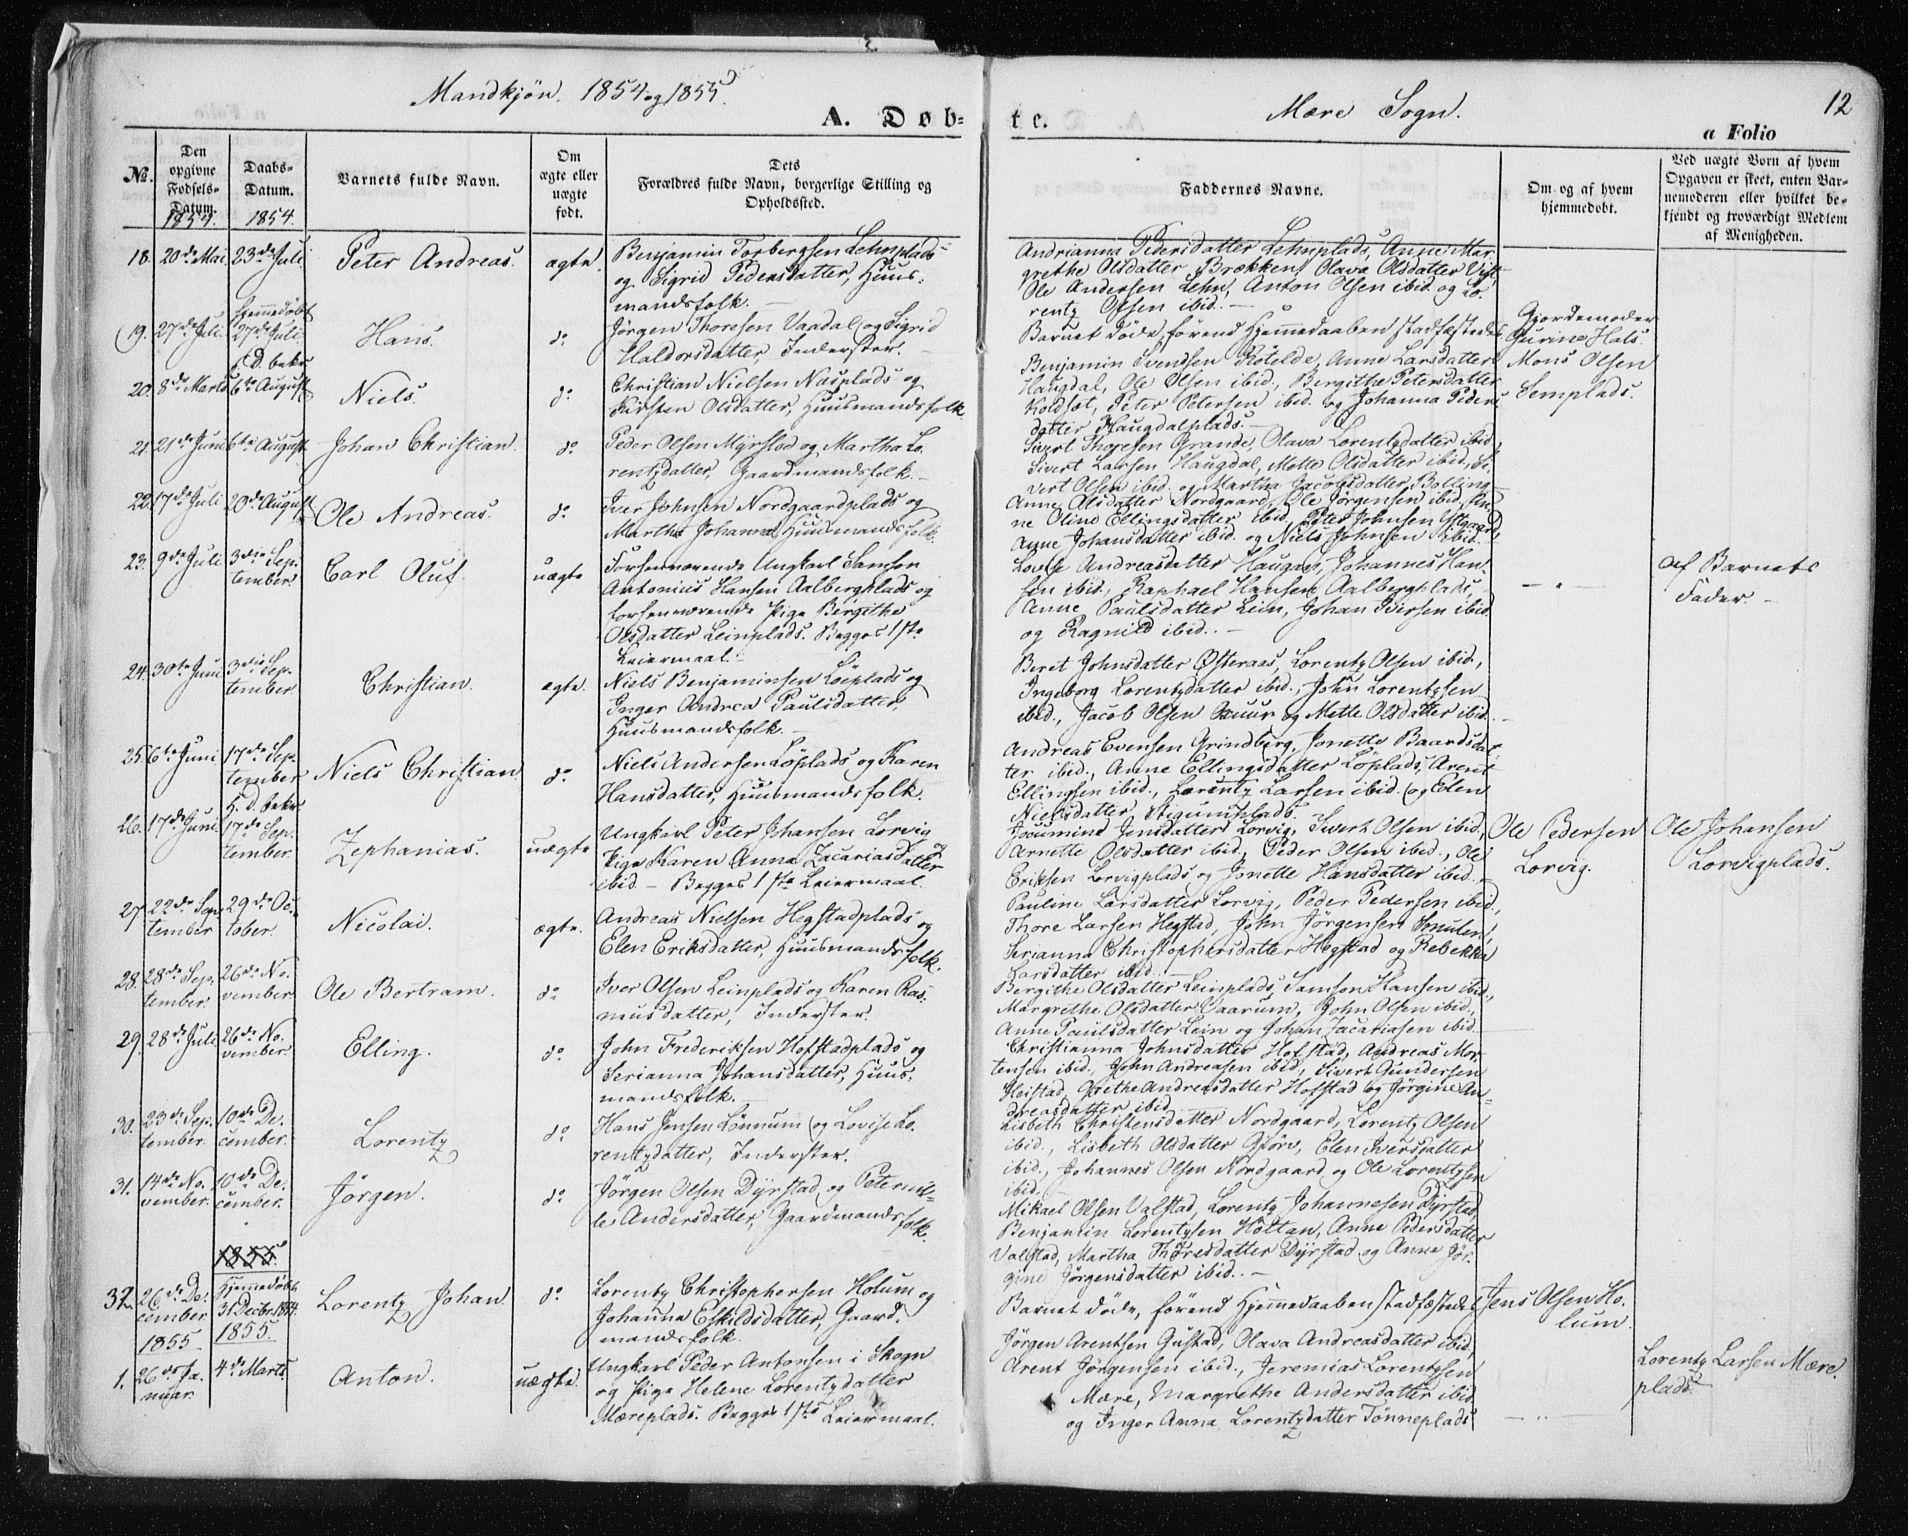 SAT, Ministerialprotokoller, klokkerbøker og fødselsregistre - Nord-Trøndelag, 735/L0342: Ministerialbok nr. 735A07 /1, 1849-1862, s. 12